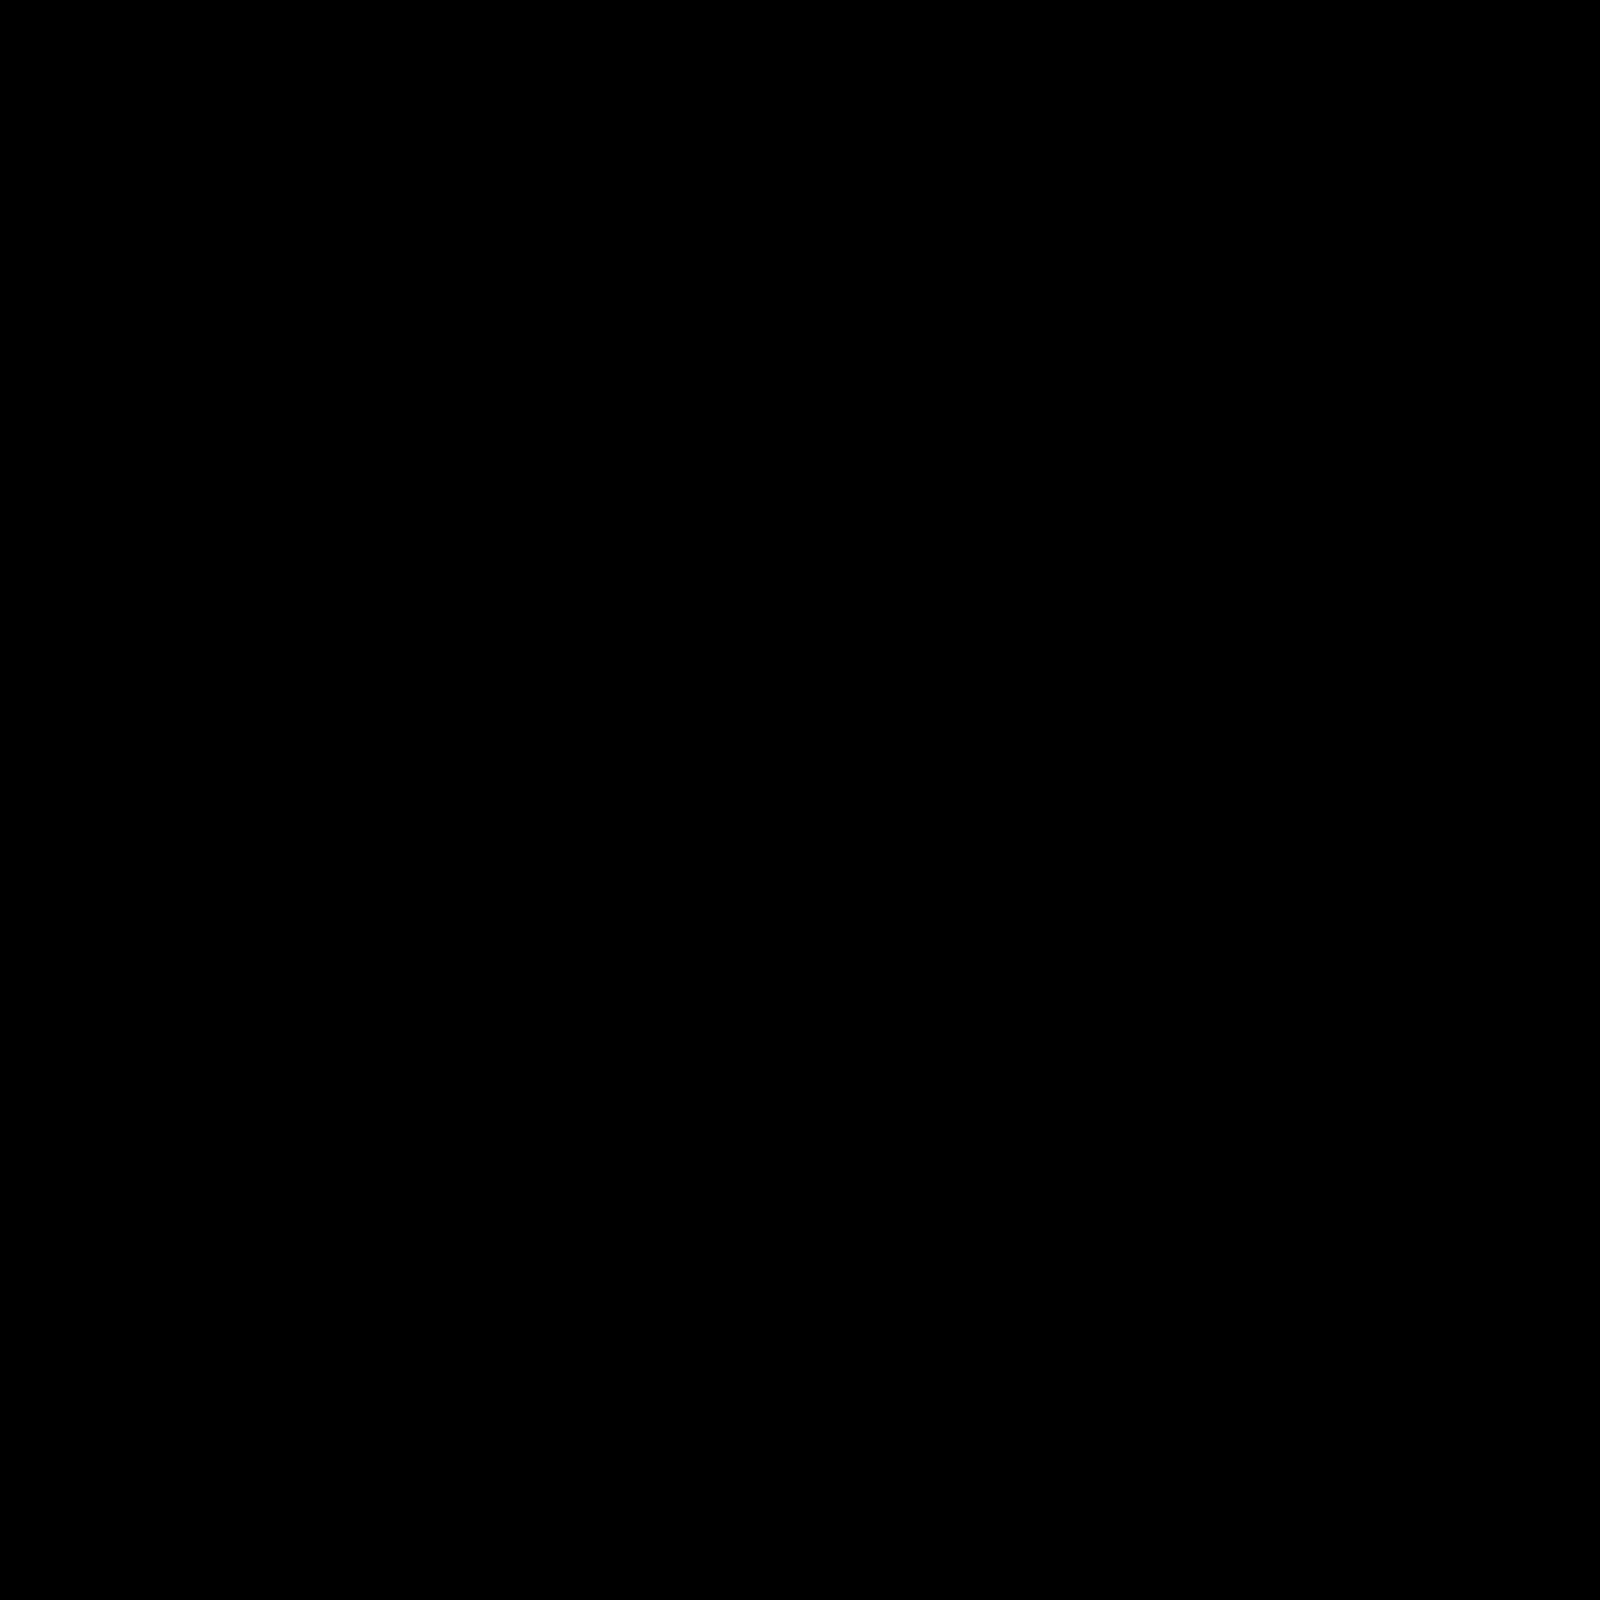 Curseur main icon